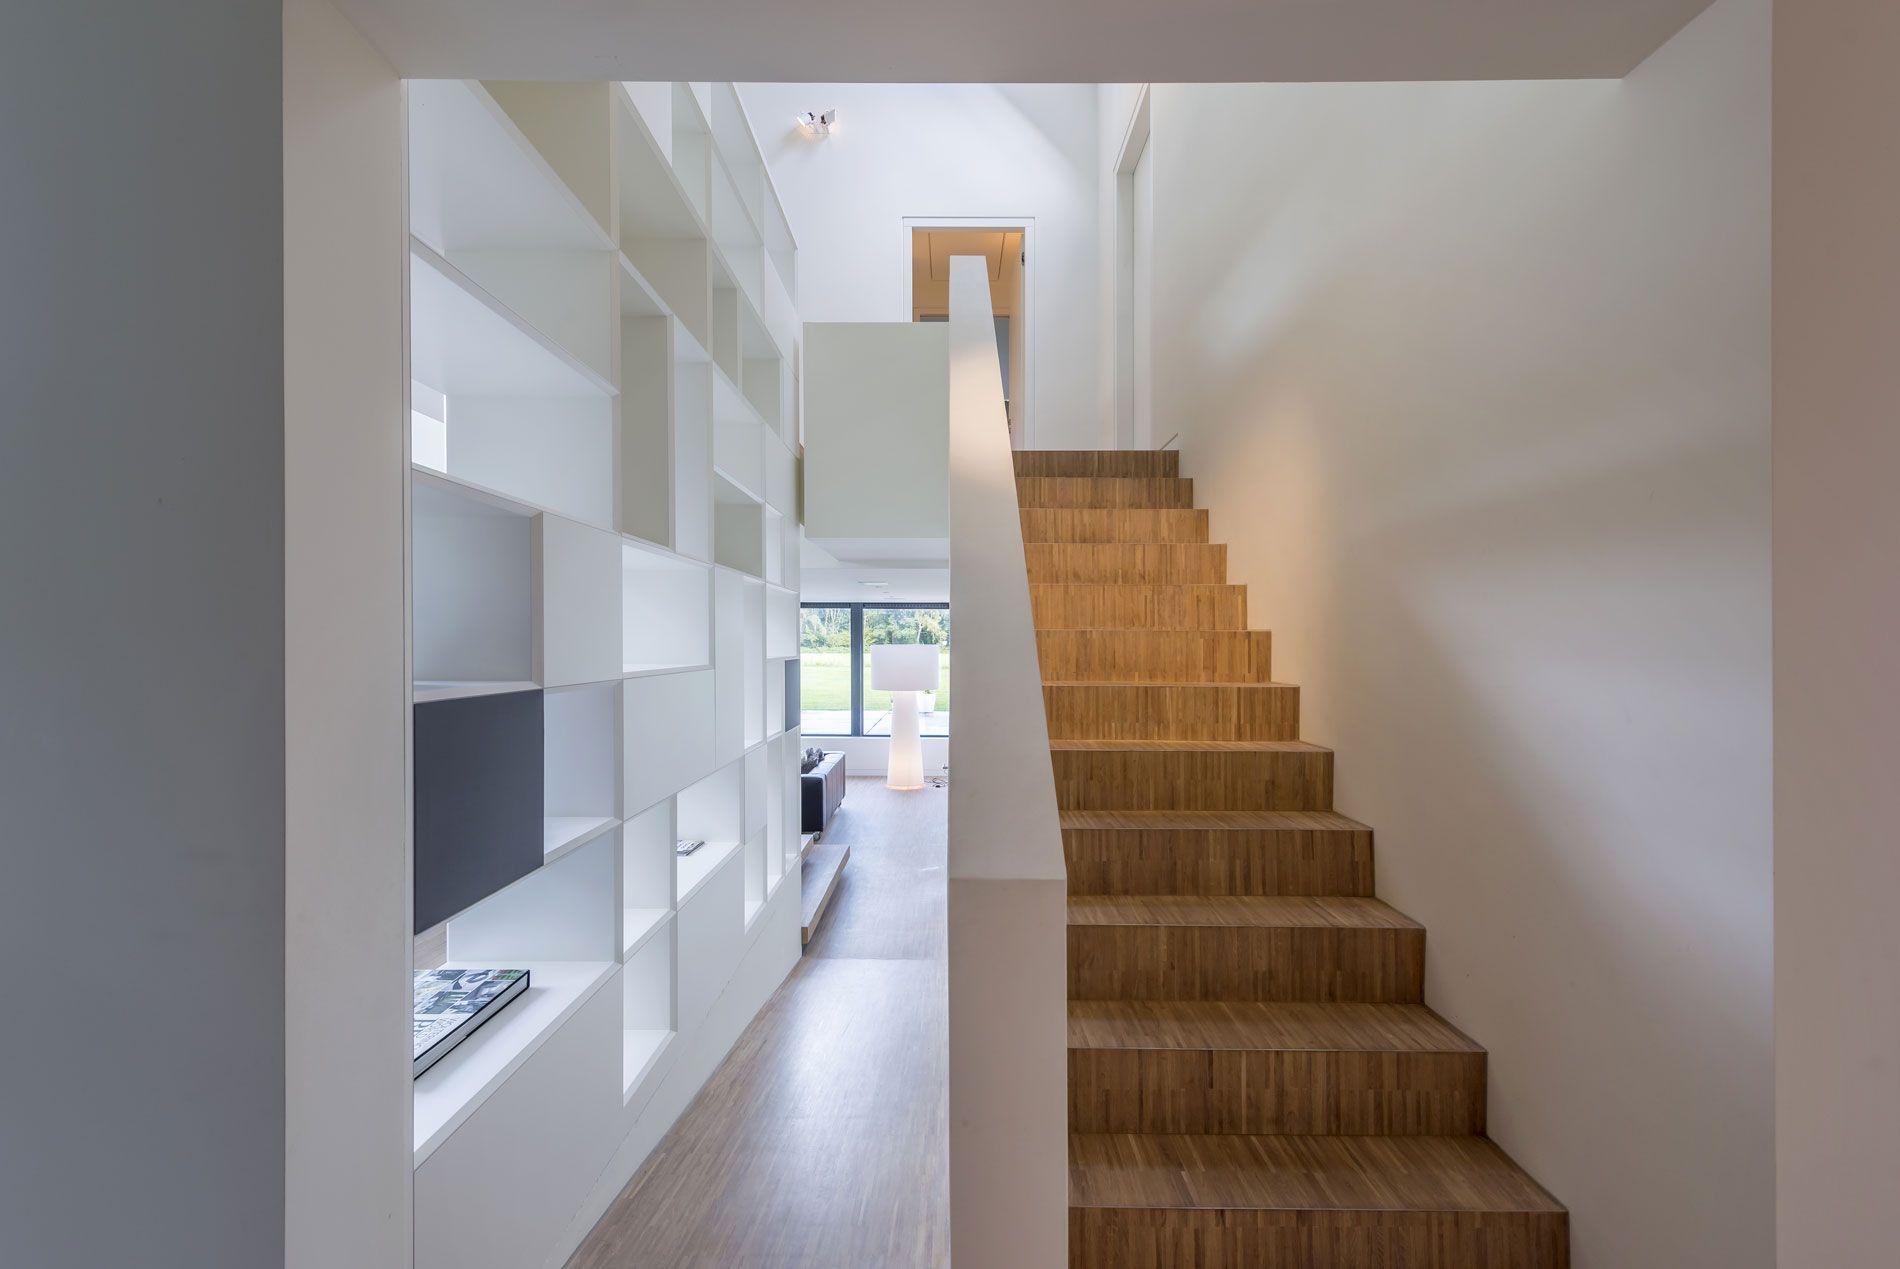 Mooie trap maas architecten woonhuis peize nieuw huis in